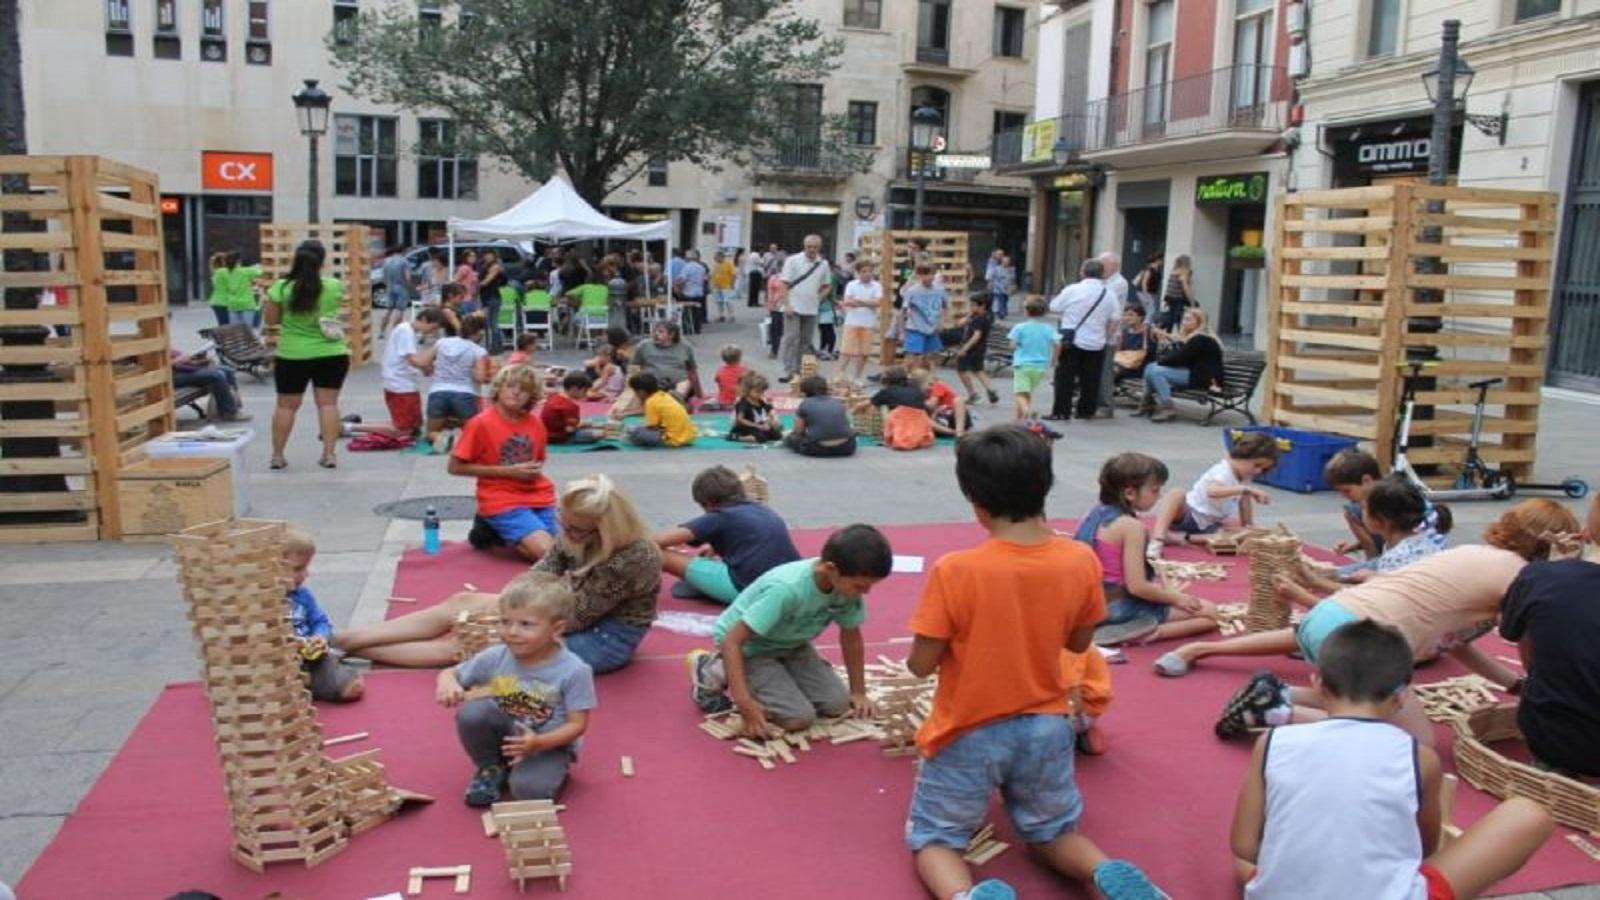 VIDEO: Manresa, una ciudad con actividades culturales para todas las edades